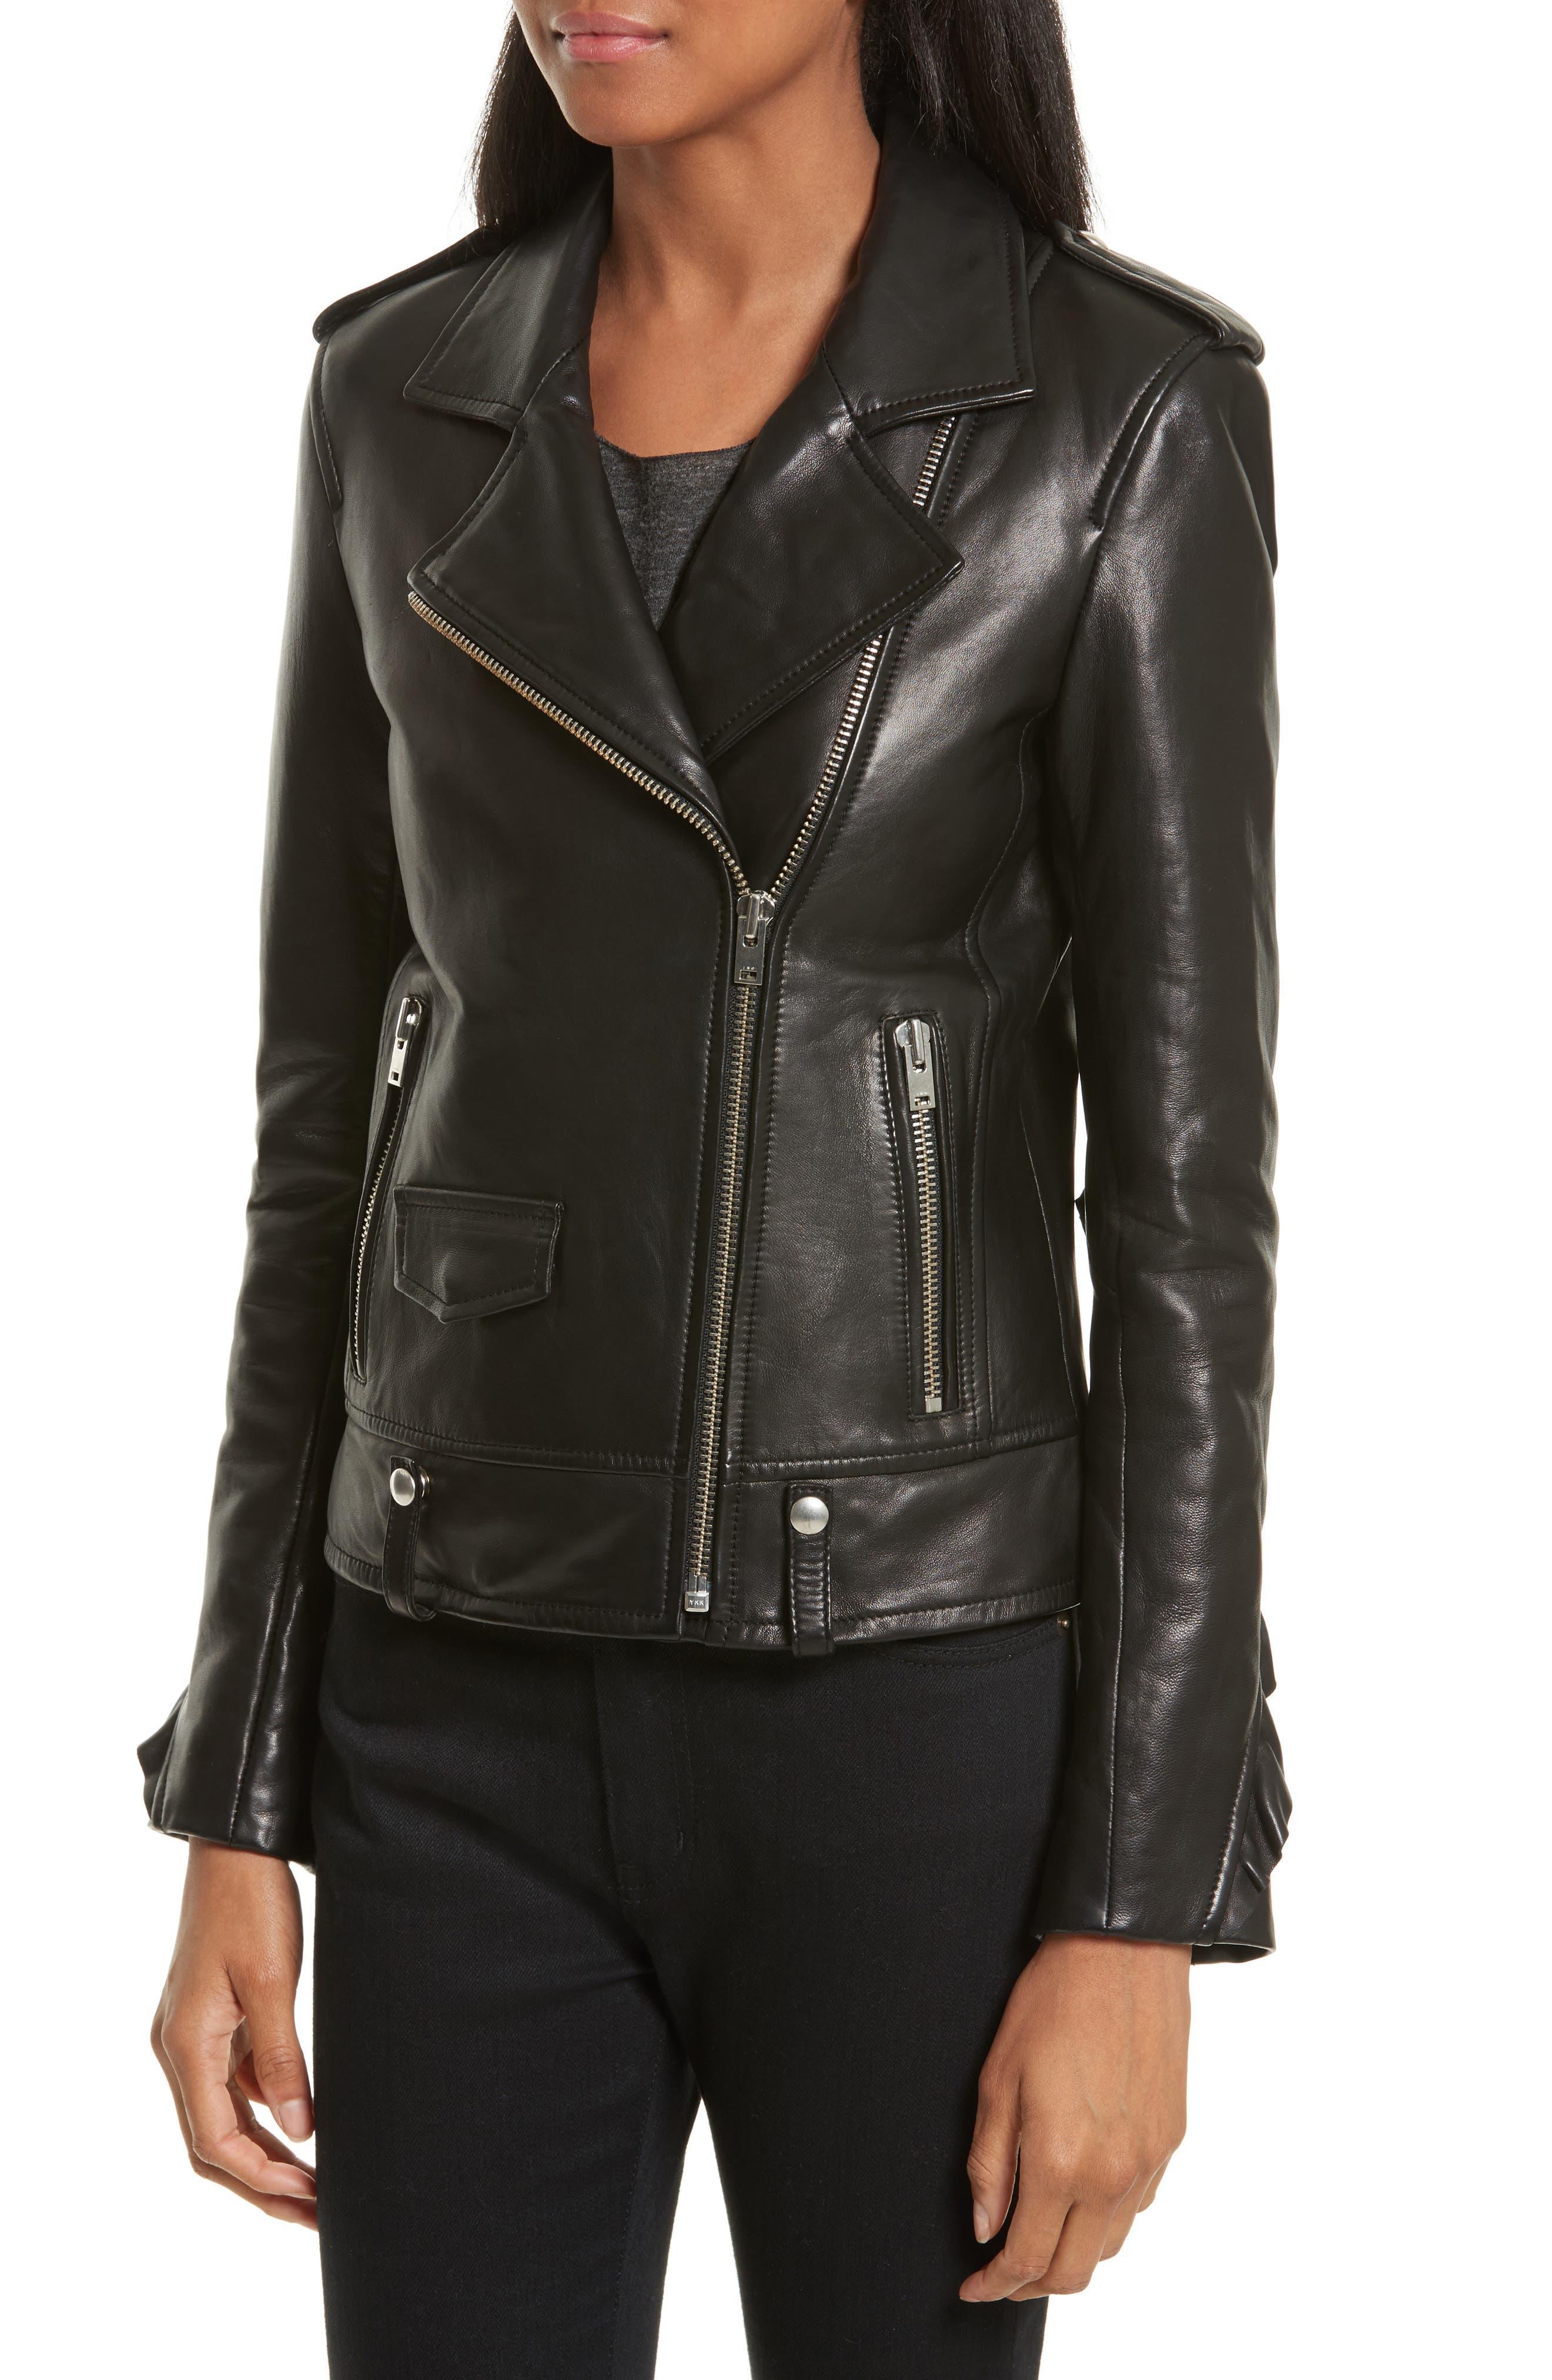 Dumont Leather Jacket,                             Alternate thumbnail 4, color,                             001